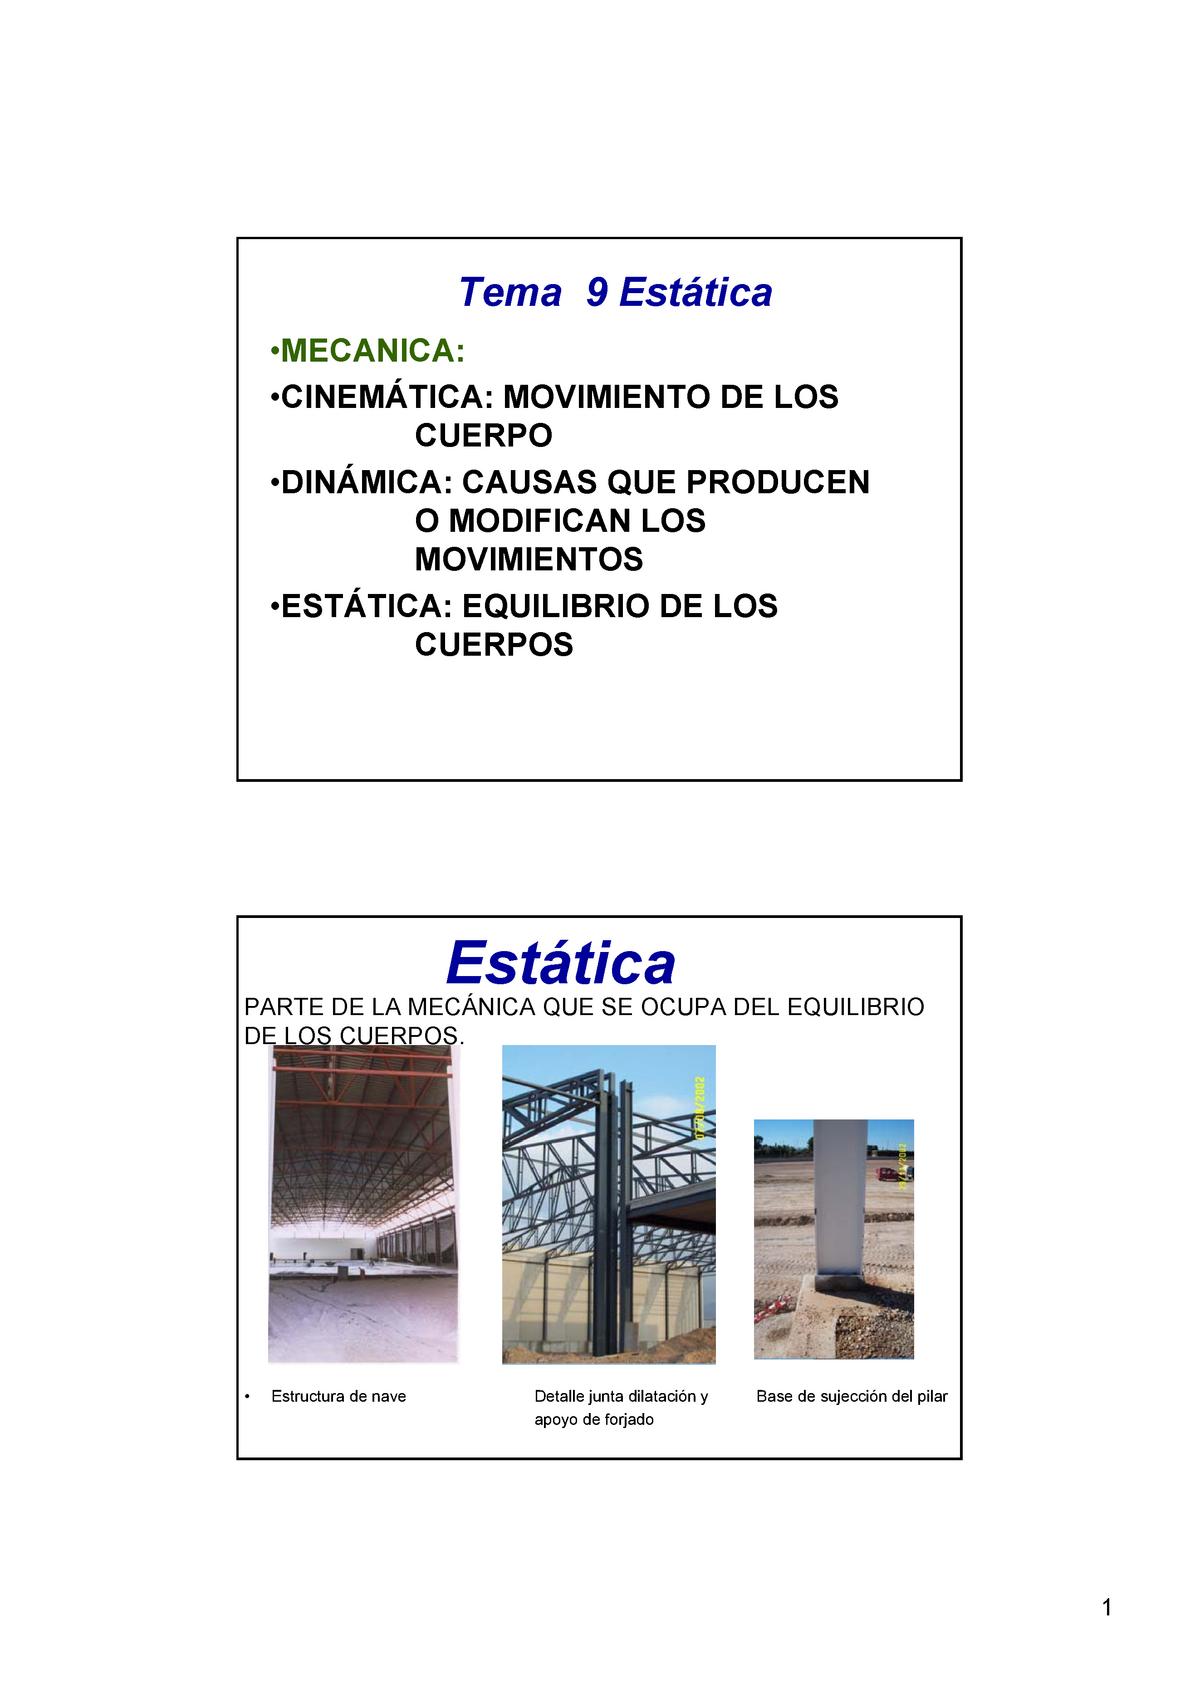 Diapositivas Tema 9 Estática Química I 979 Umh Studocu